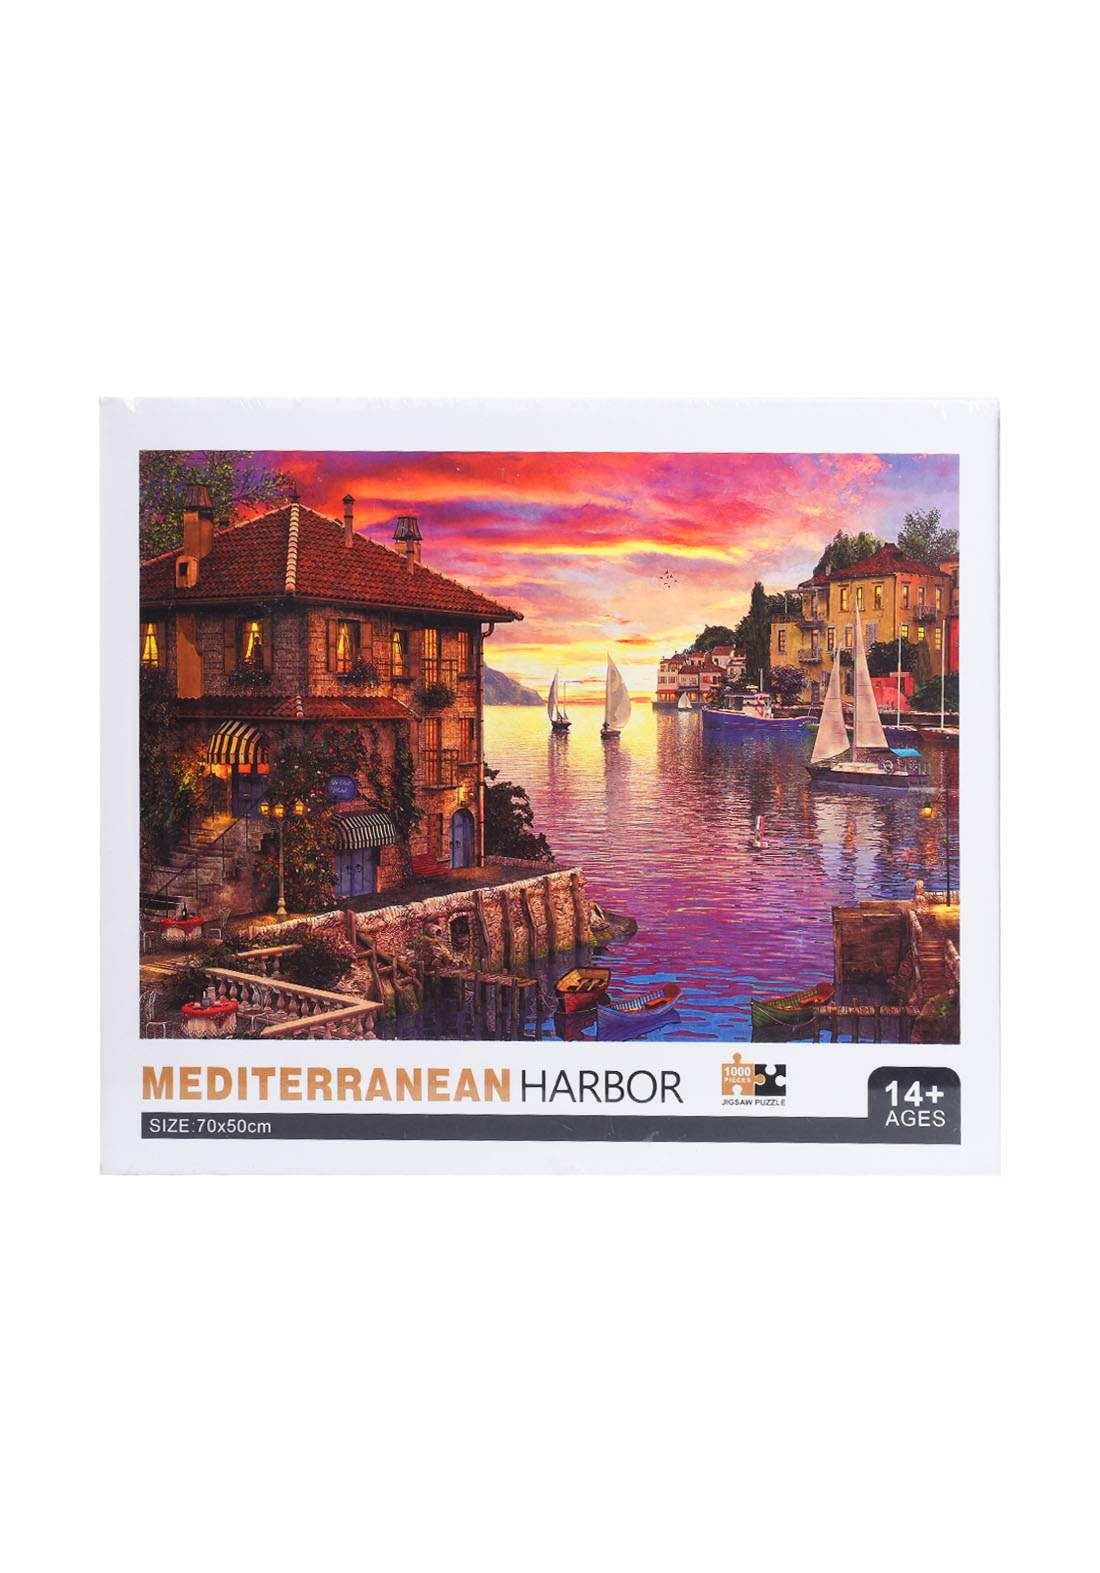 Jigsaw Puzzle Meditrranean Harbor 1000Pcs لعبة تركيب القطع بشكل ميناء البحر الأبيض المتوسط